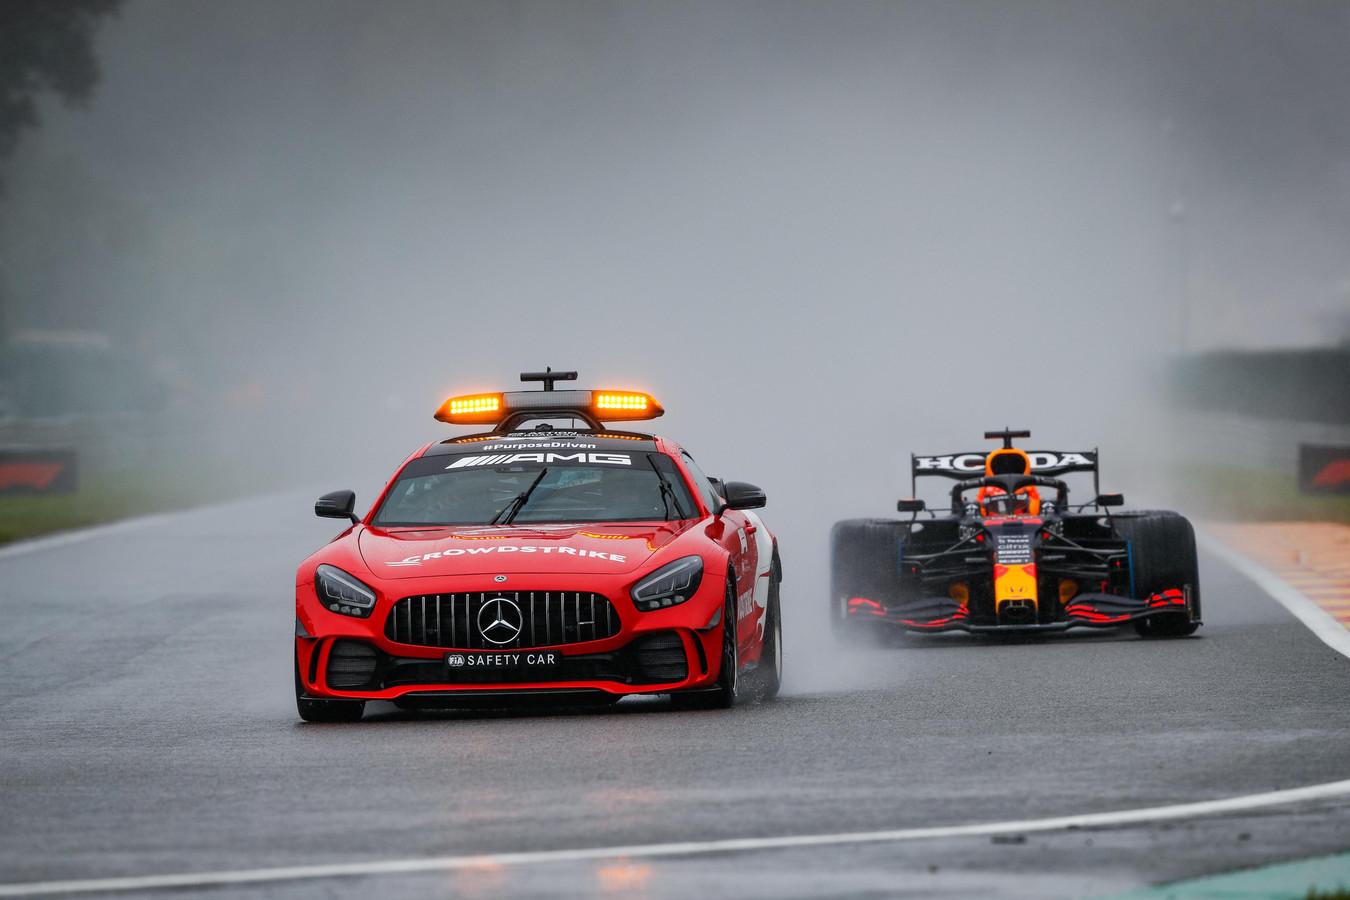 Deux tours derrière une voiture de sécurité, mais une victoire et 12,5 points pour max Verstappen: la presse internationale s'étonne du sort réservé au GP de Belgique 2021.